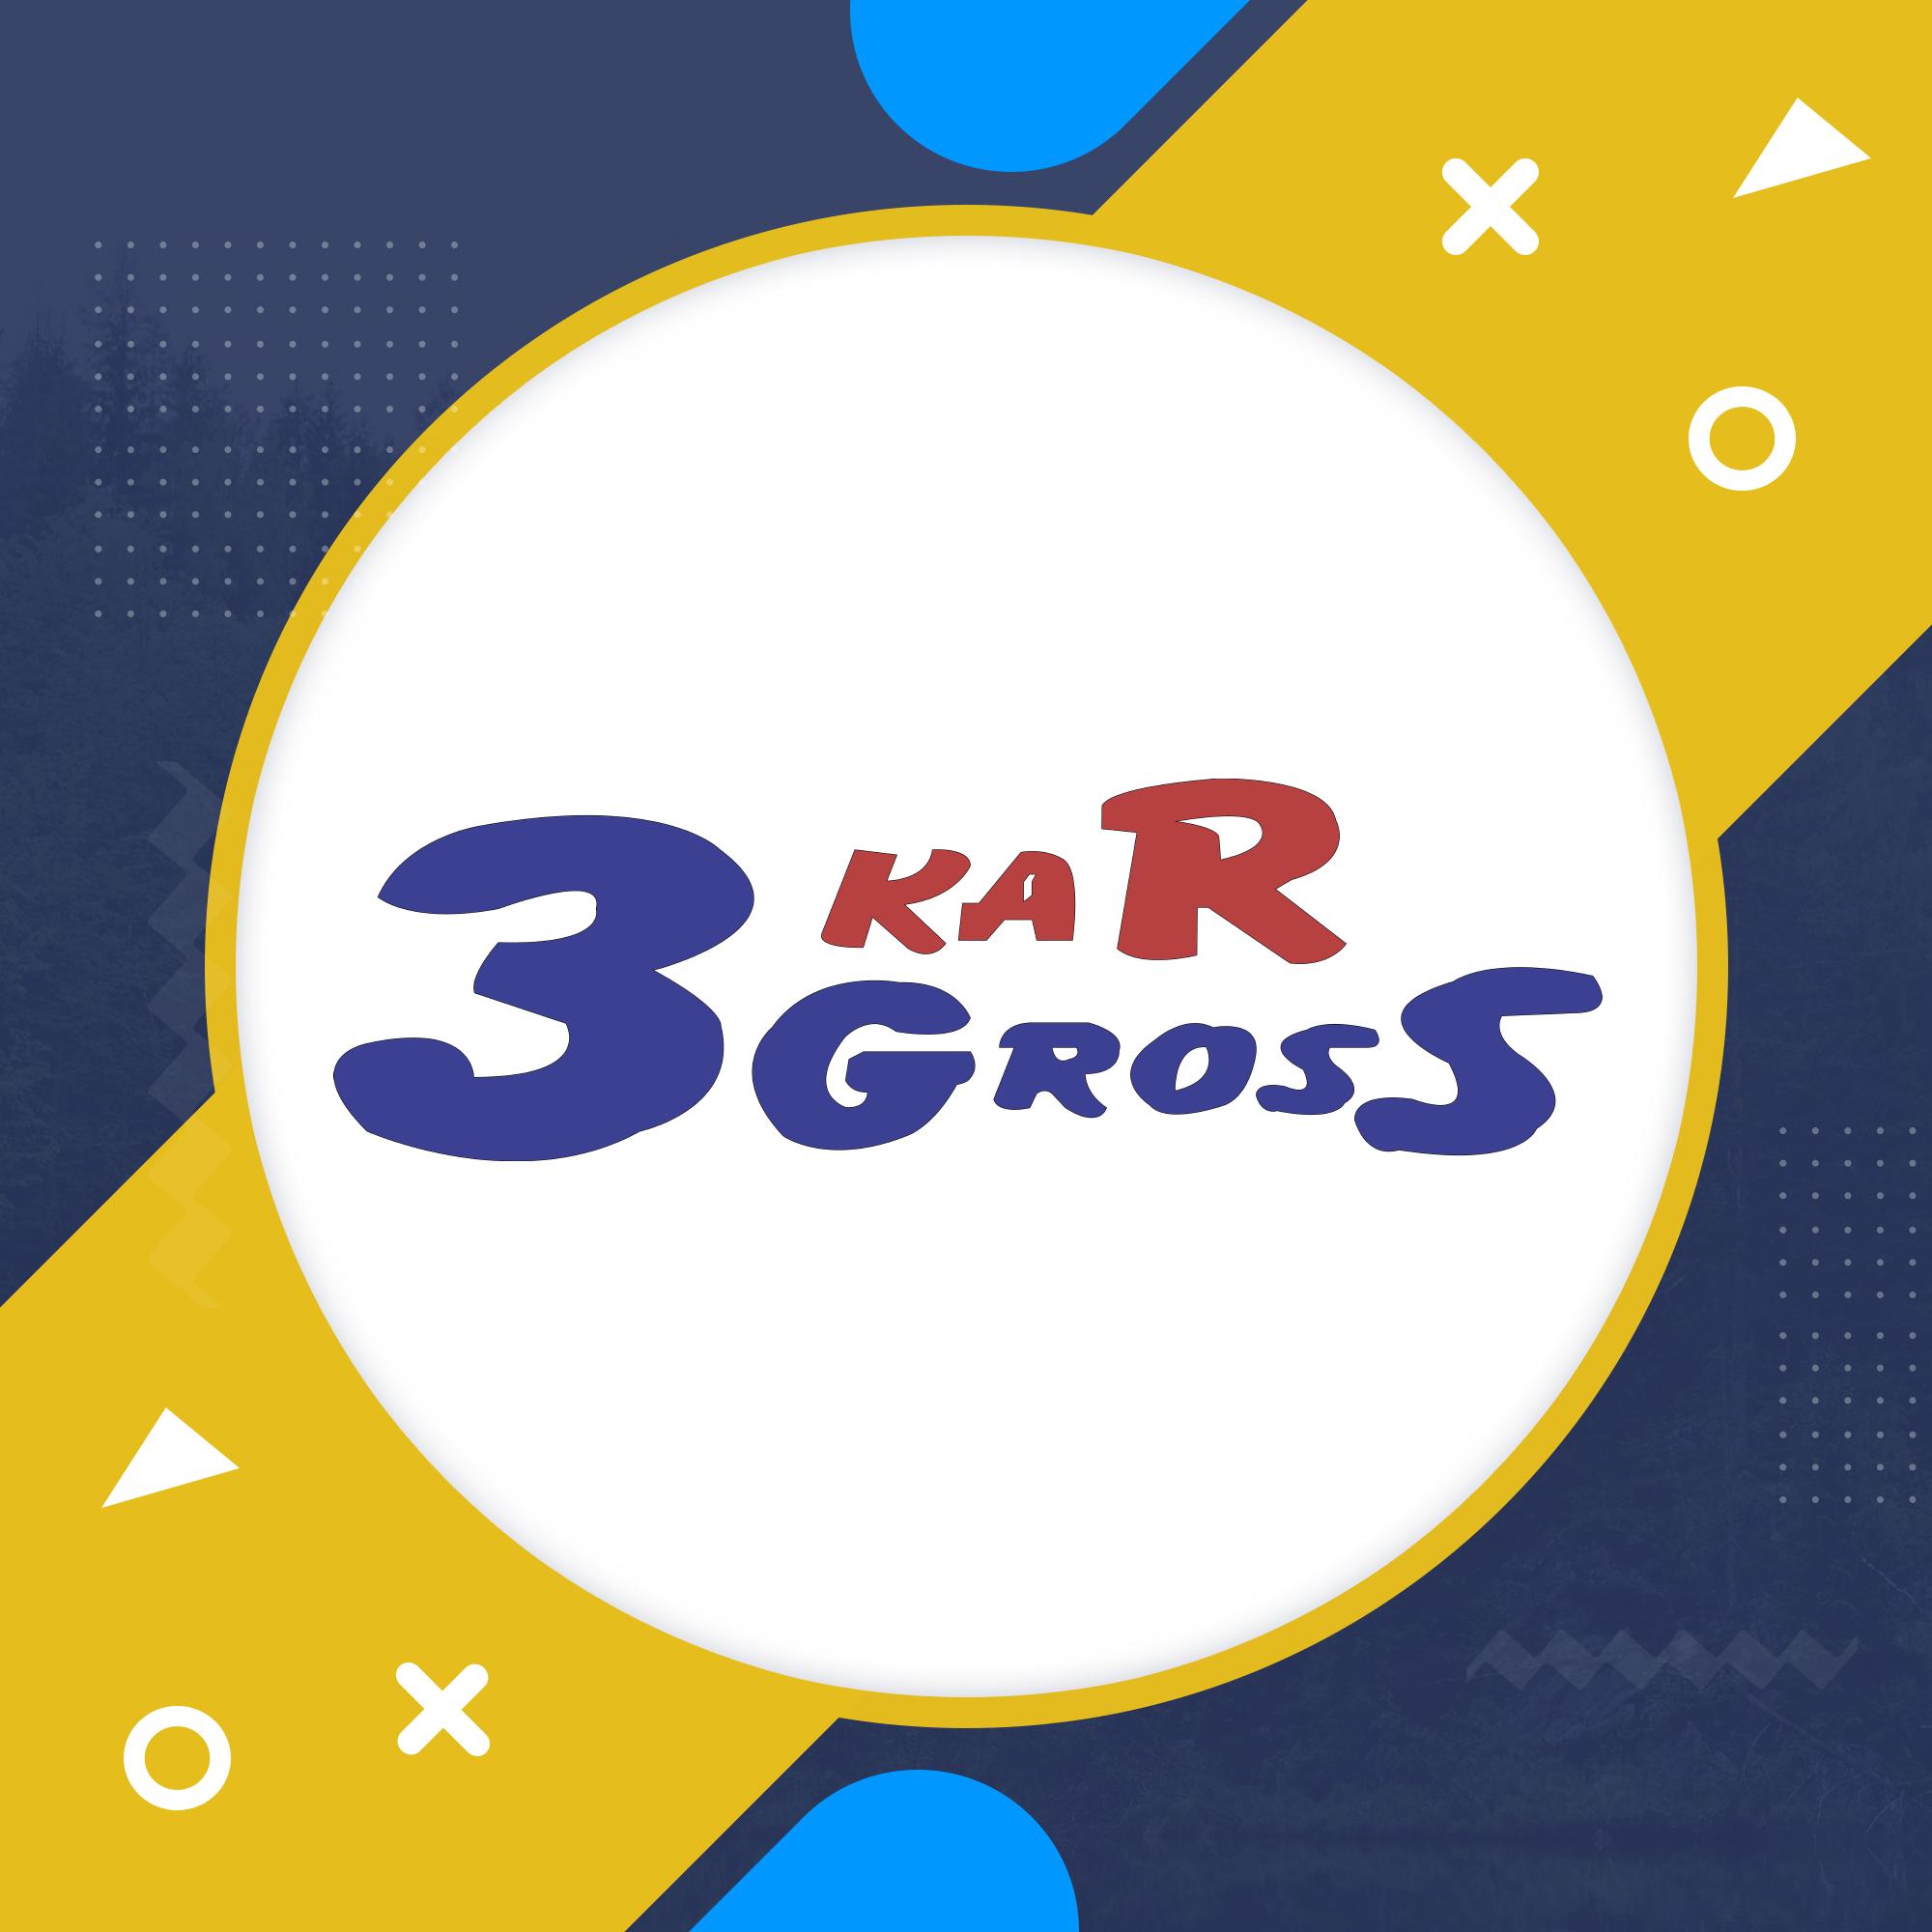 3kargross-market